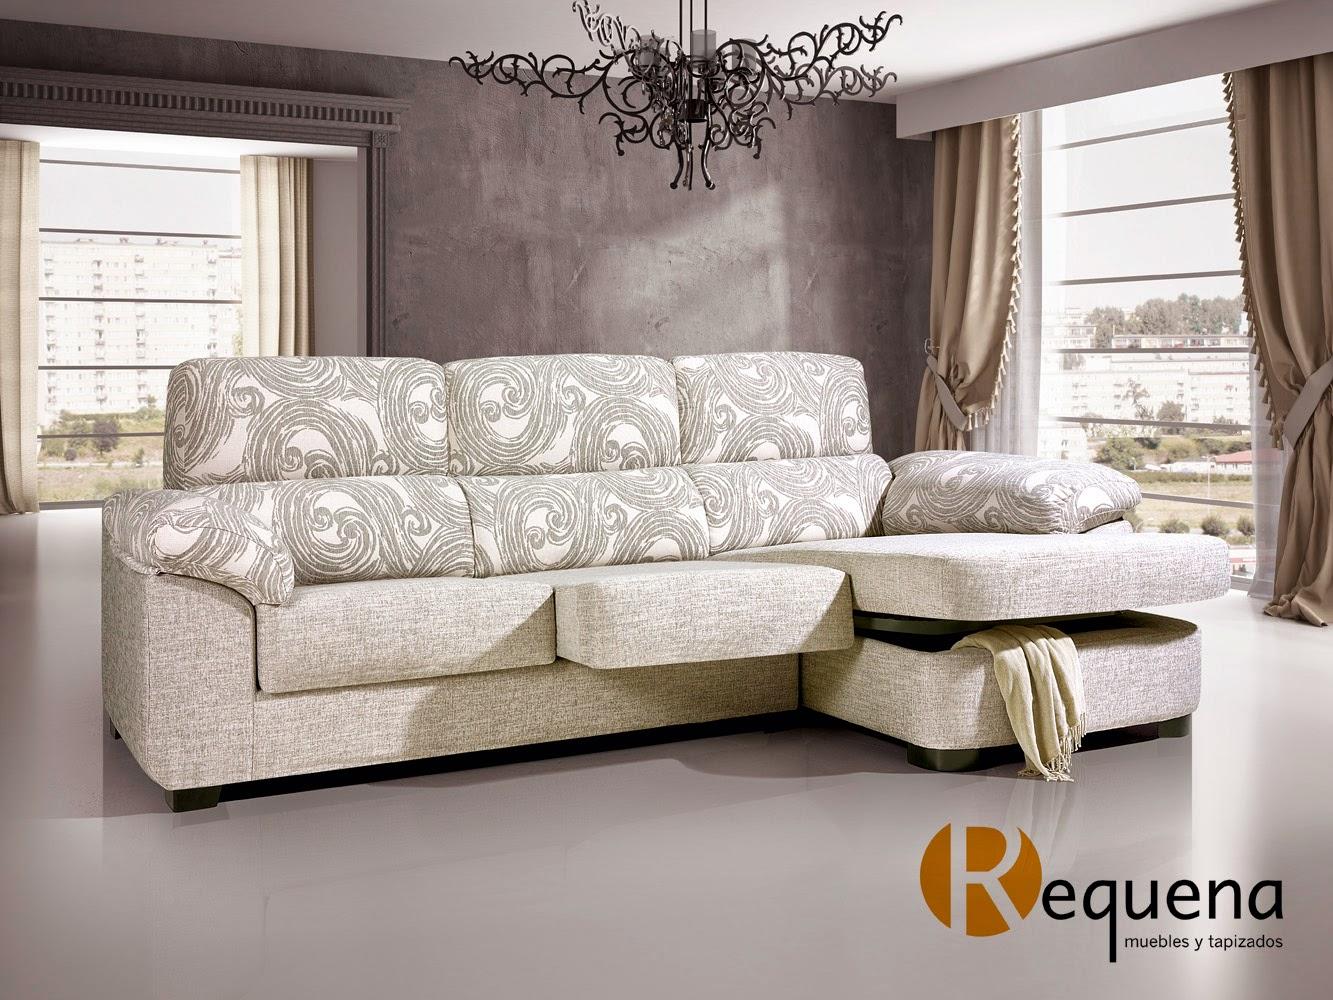 Muebles y tapizados requena liso o estampado c mo - Tapiceria para sofas ...